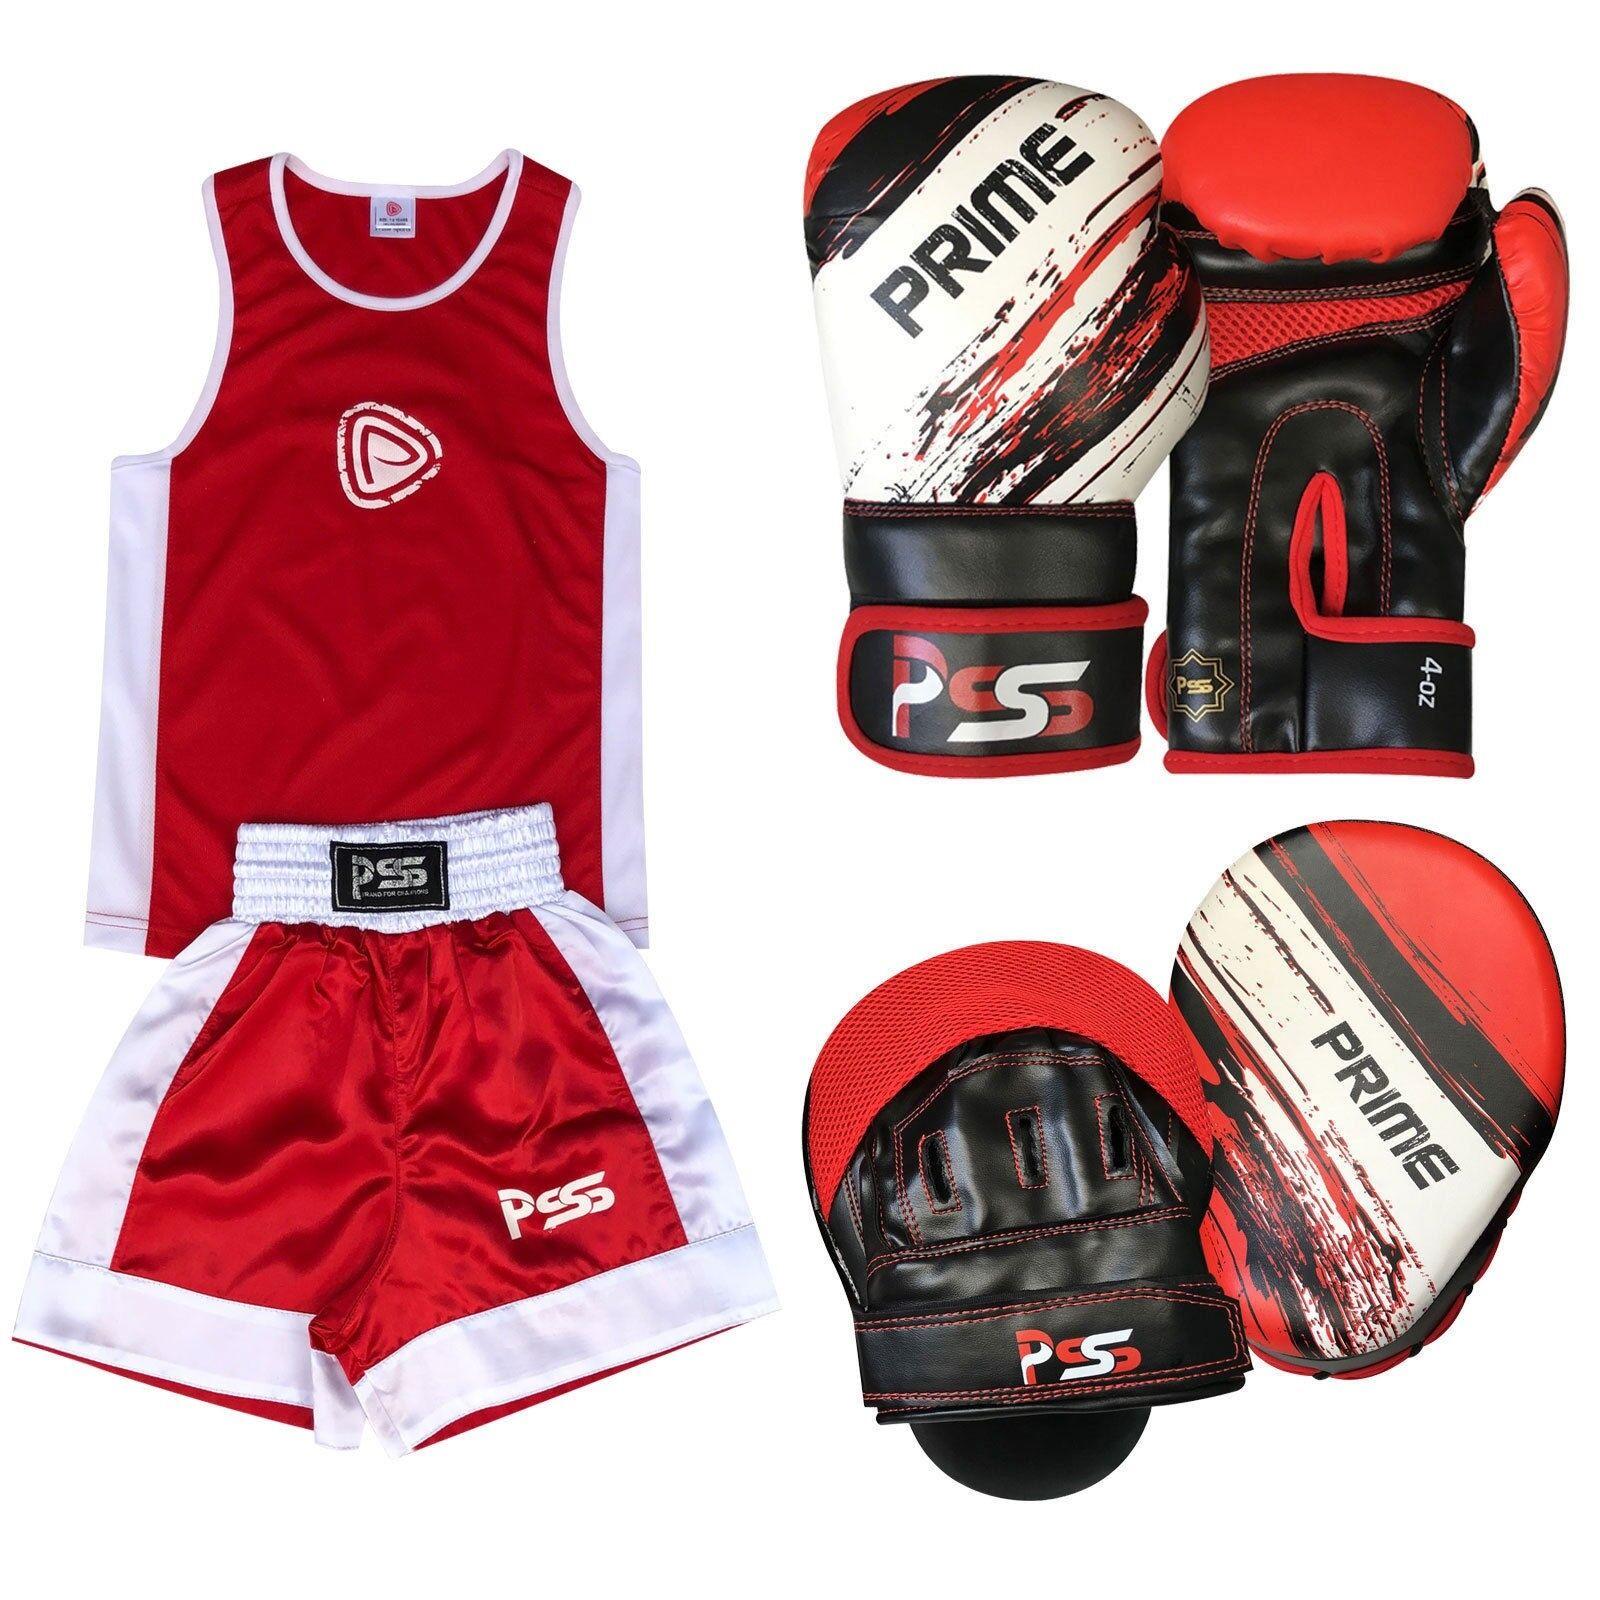 rosso Bambini Uniforme Set Di uniforme 3 PZ uniforme Di Boxe Guantoni Da Boxe Focus Pastiglie (Set - 13) 51aa8a